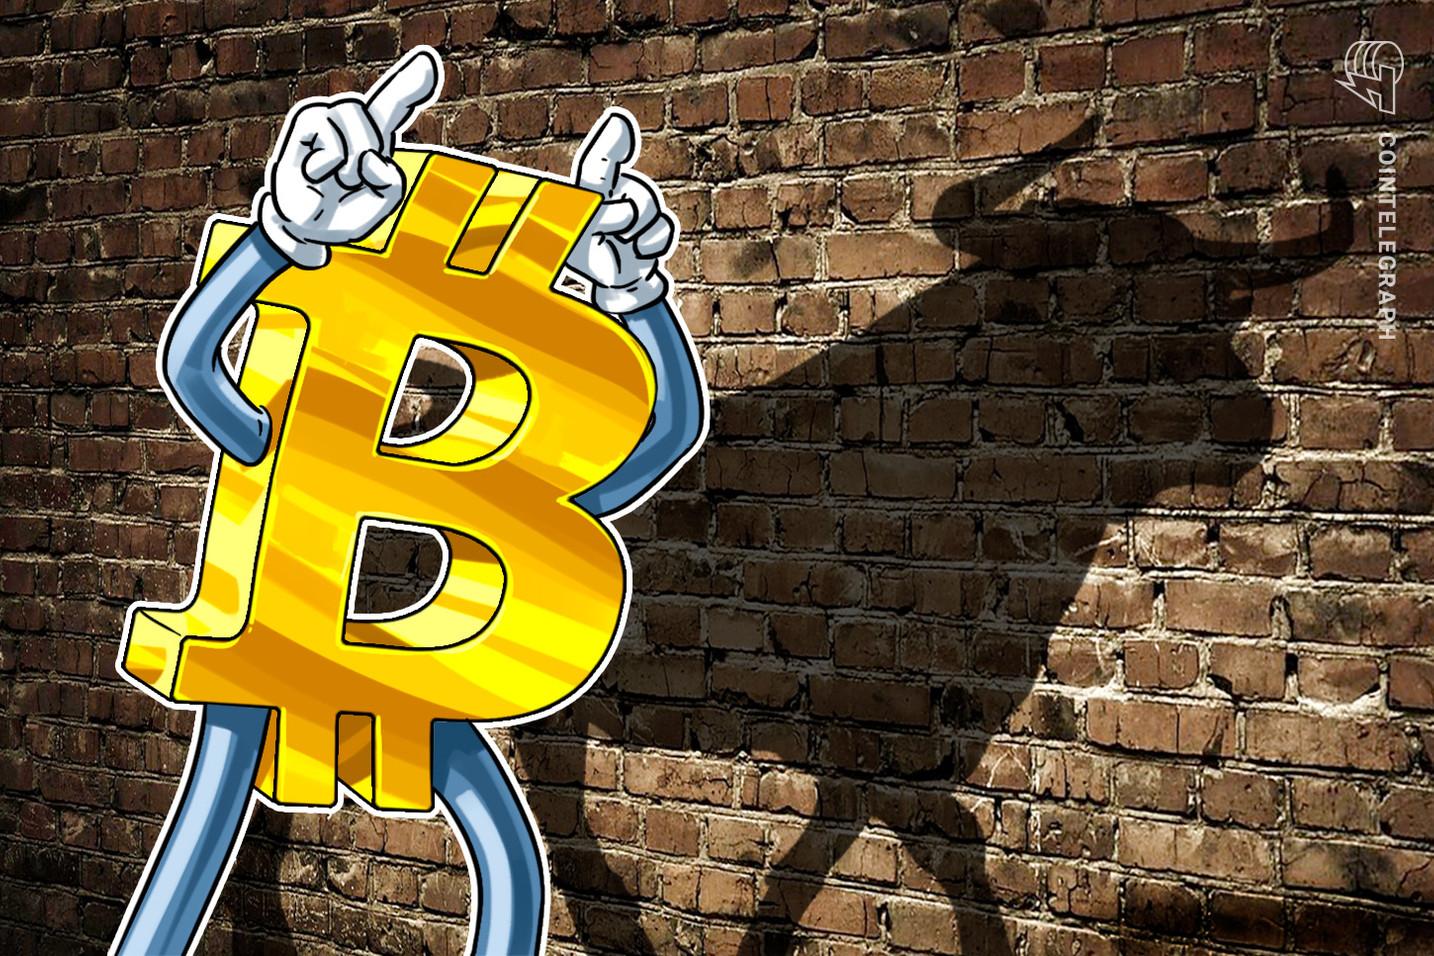 Bitcoin sta ripetendo la bull run del 2016-2017, sostiene un analista